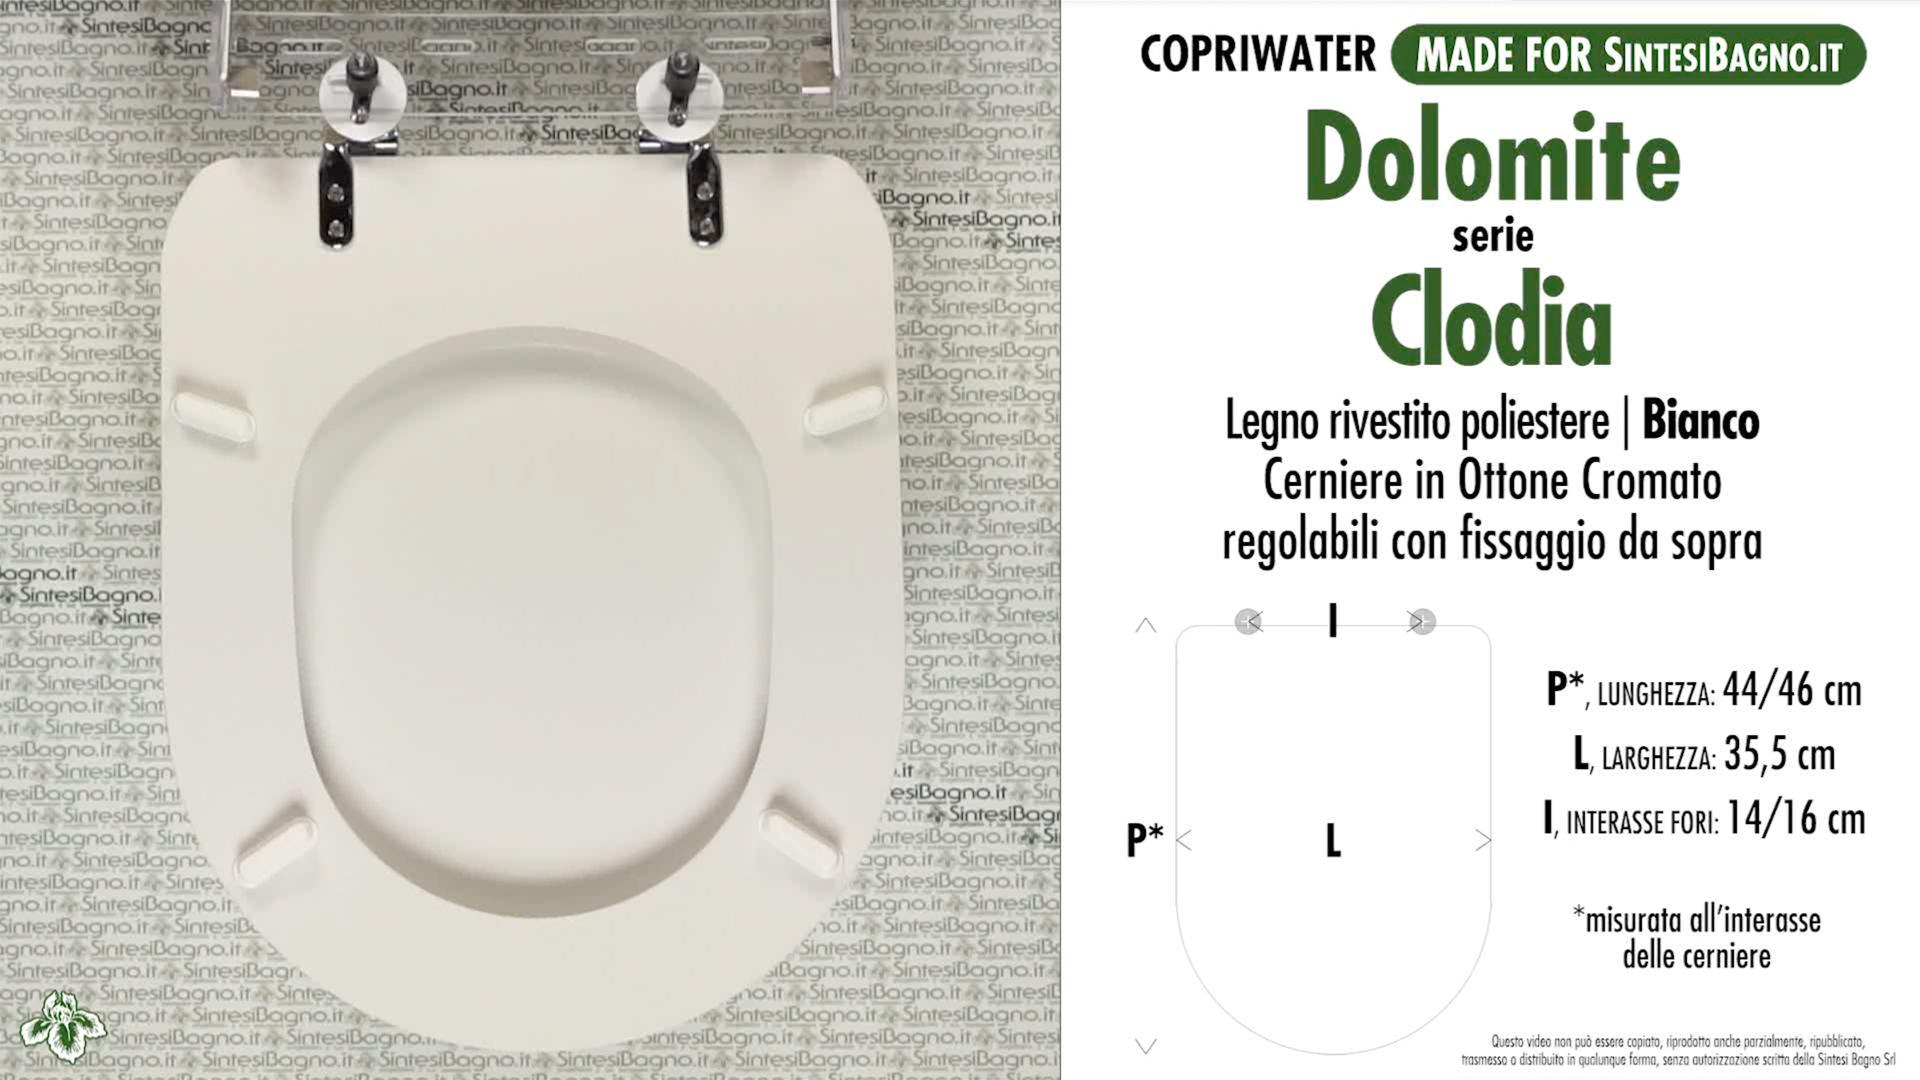 Sedile Wc Dolomite Clodia Prezzo.Negozio Di Sconti Online Sedile Wc Dolomite Clodia